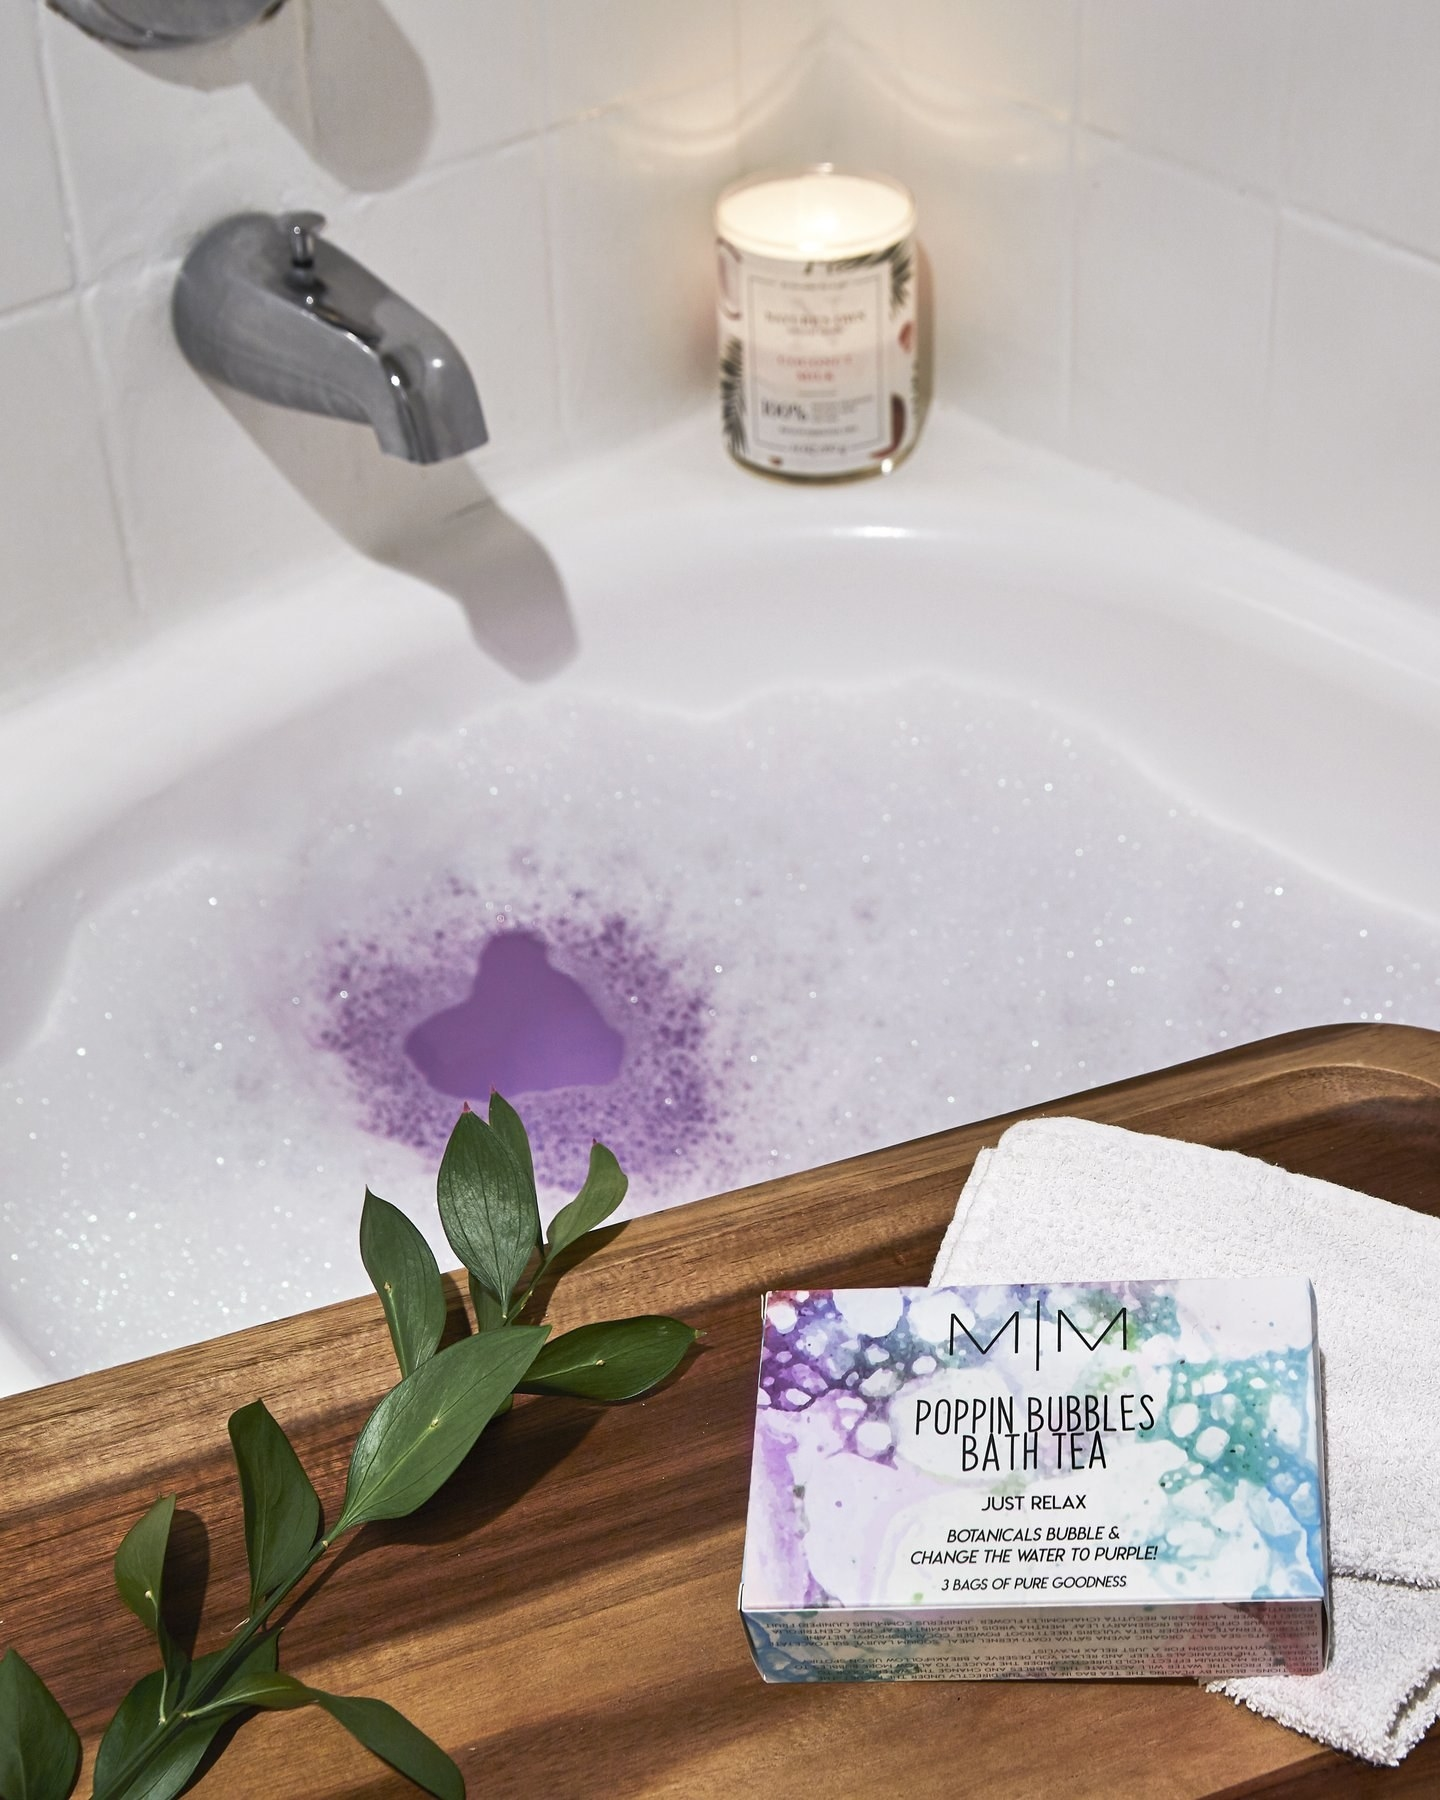 the box of bath tea on a wooden shelf above purple, foamy bath water